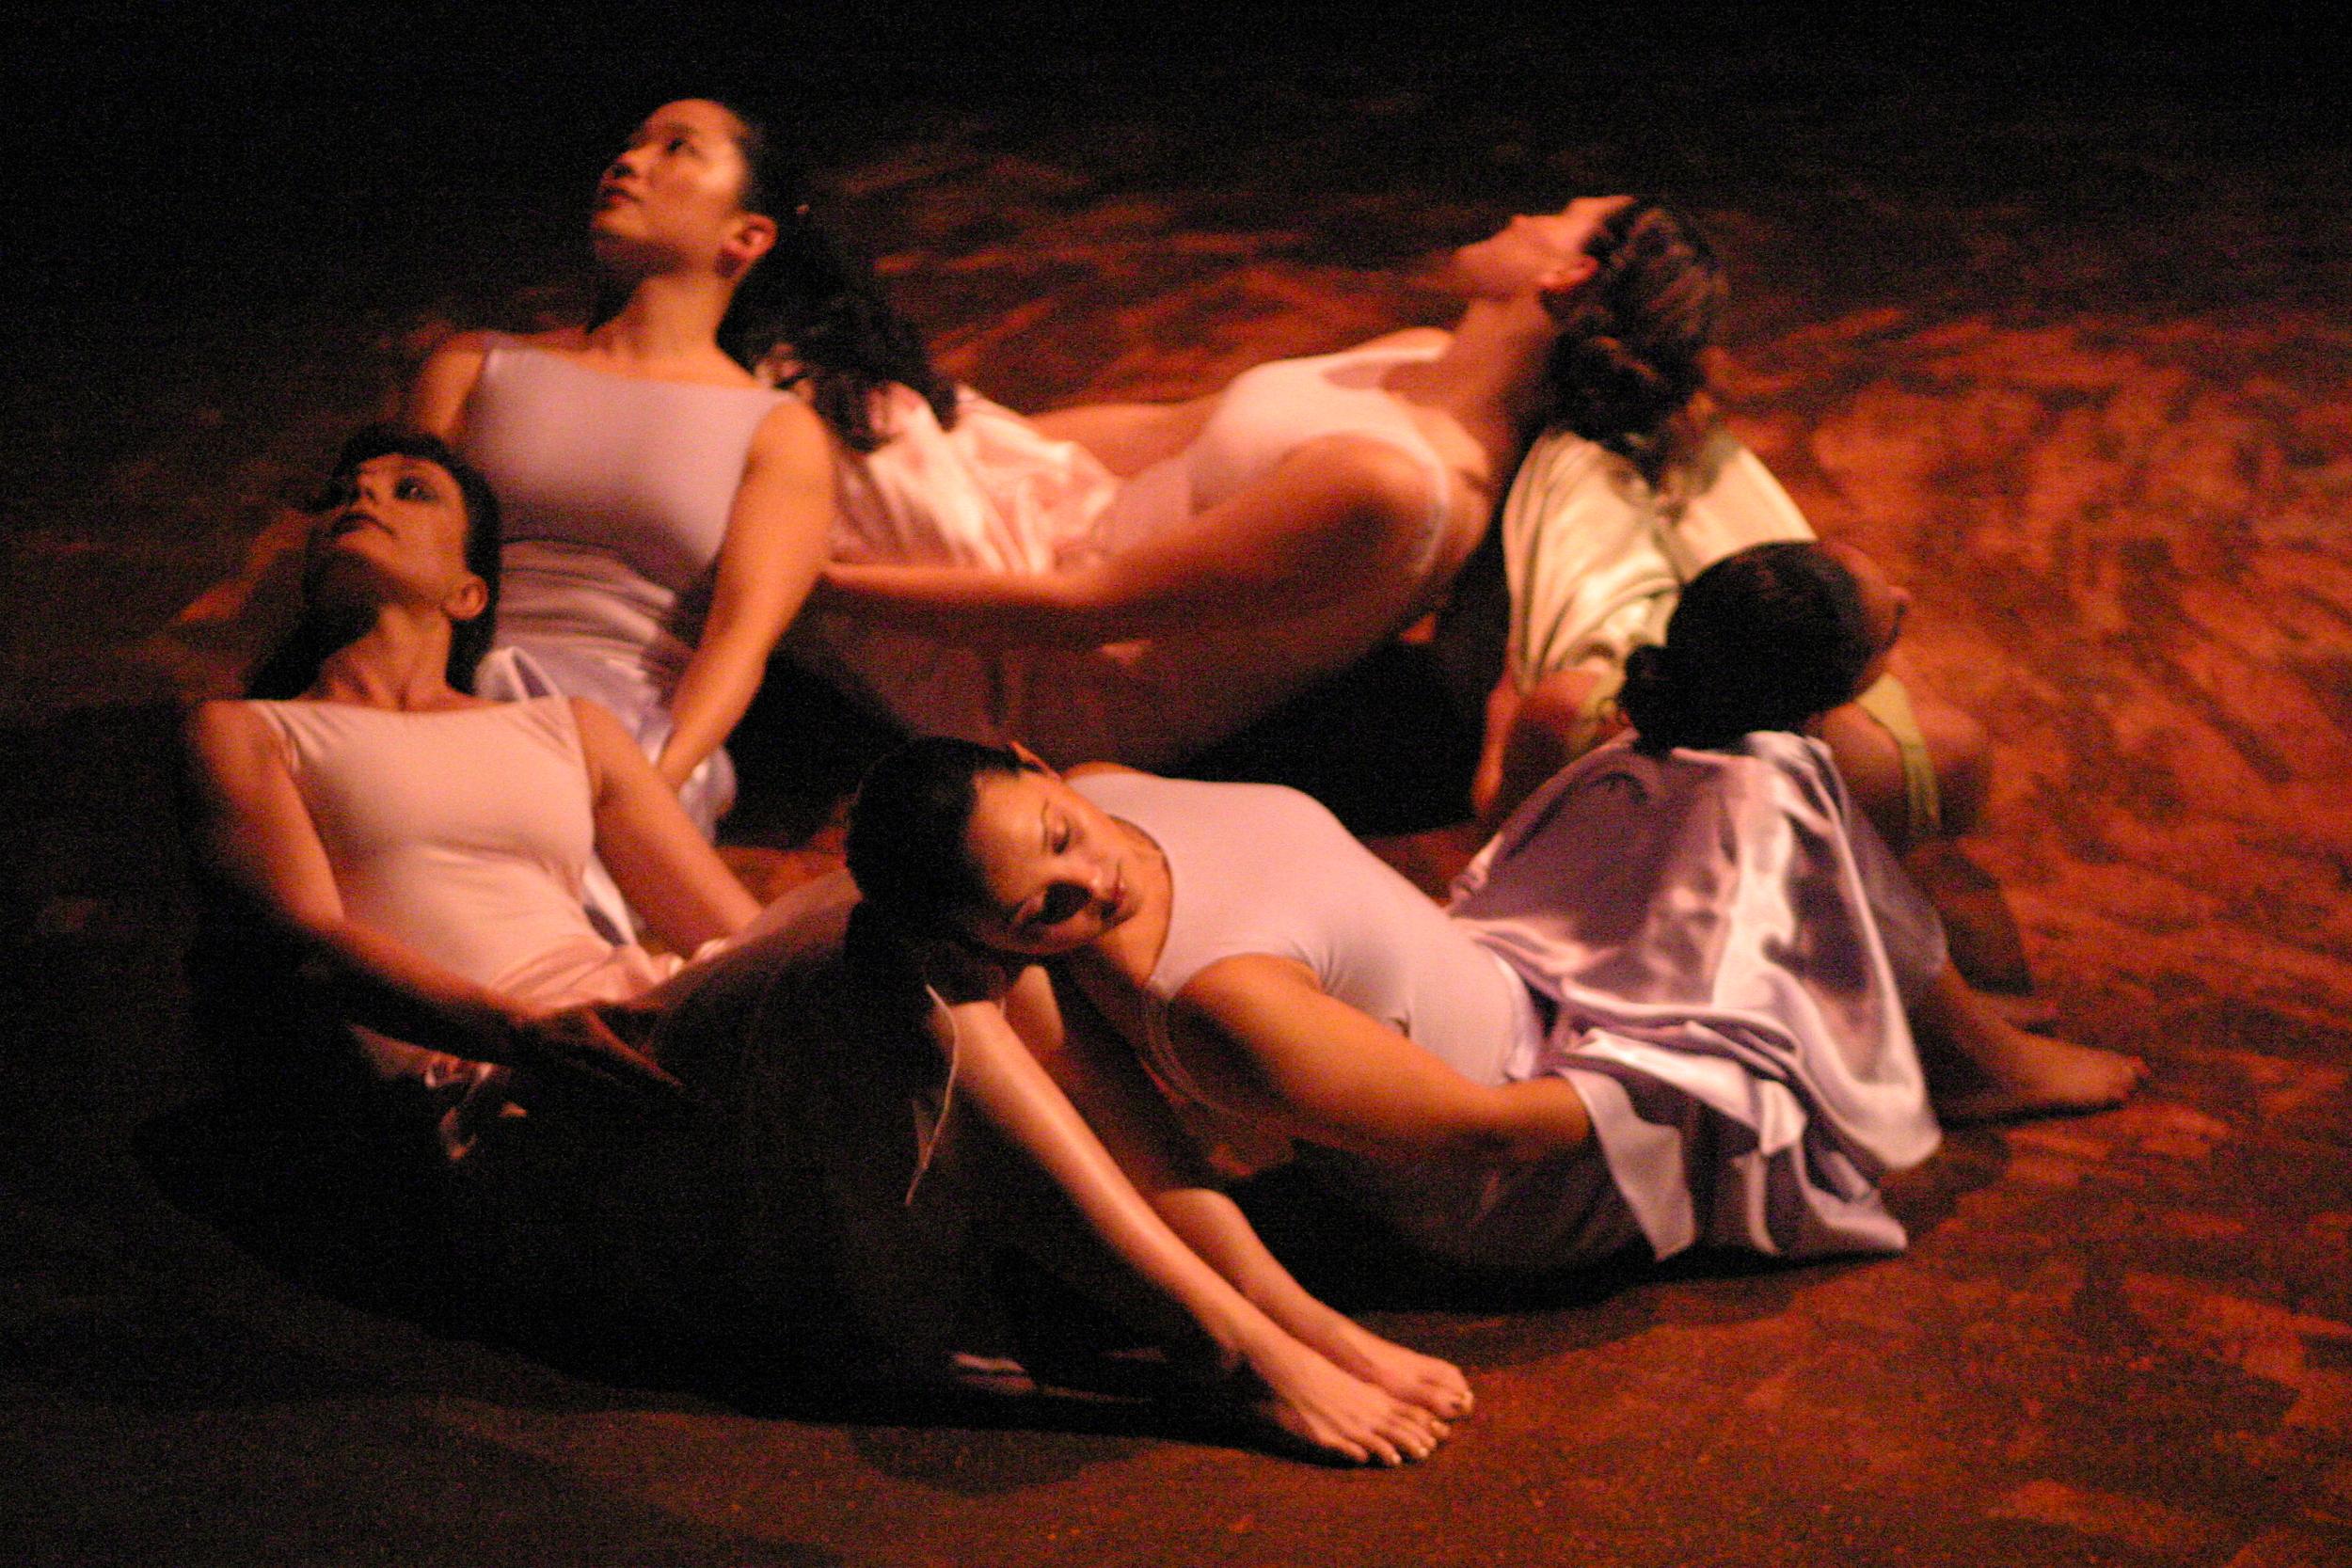 Lilian Chow, Christie Bolingbroke, Nicole La Cour, Kat Noel & Marie Bergenholtz